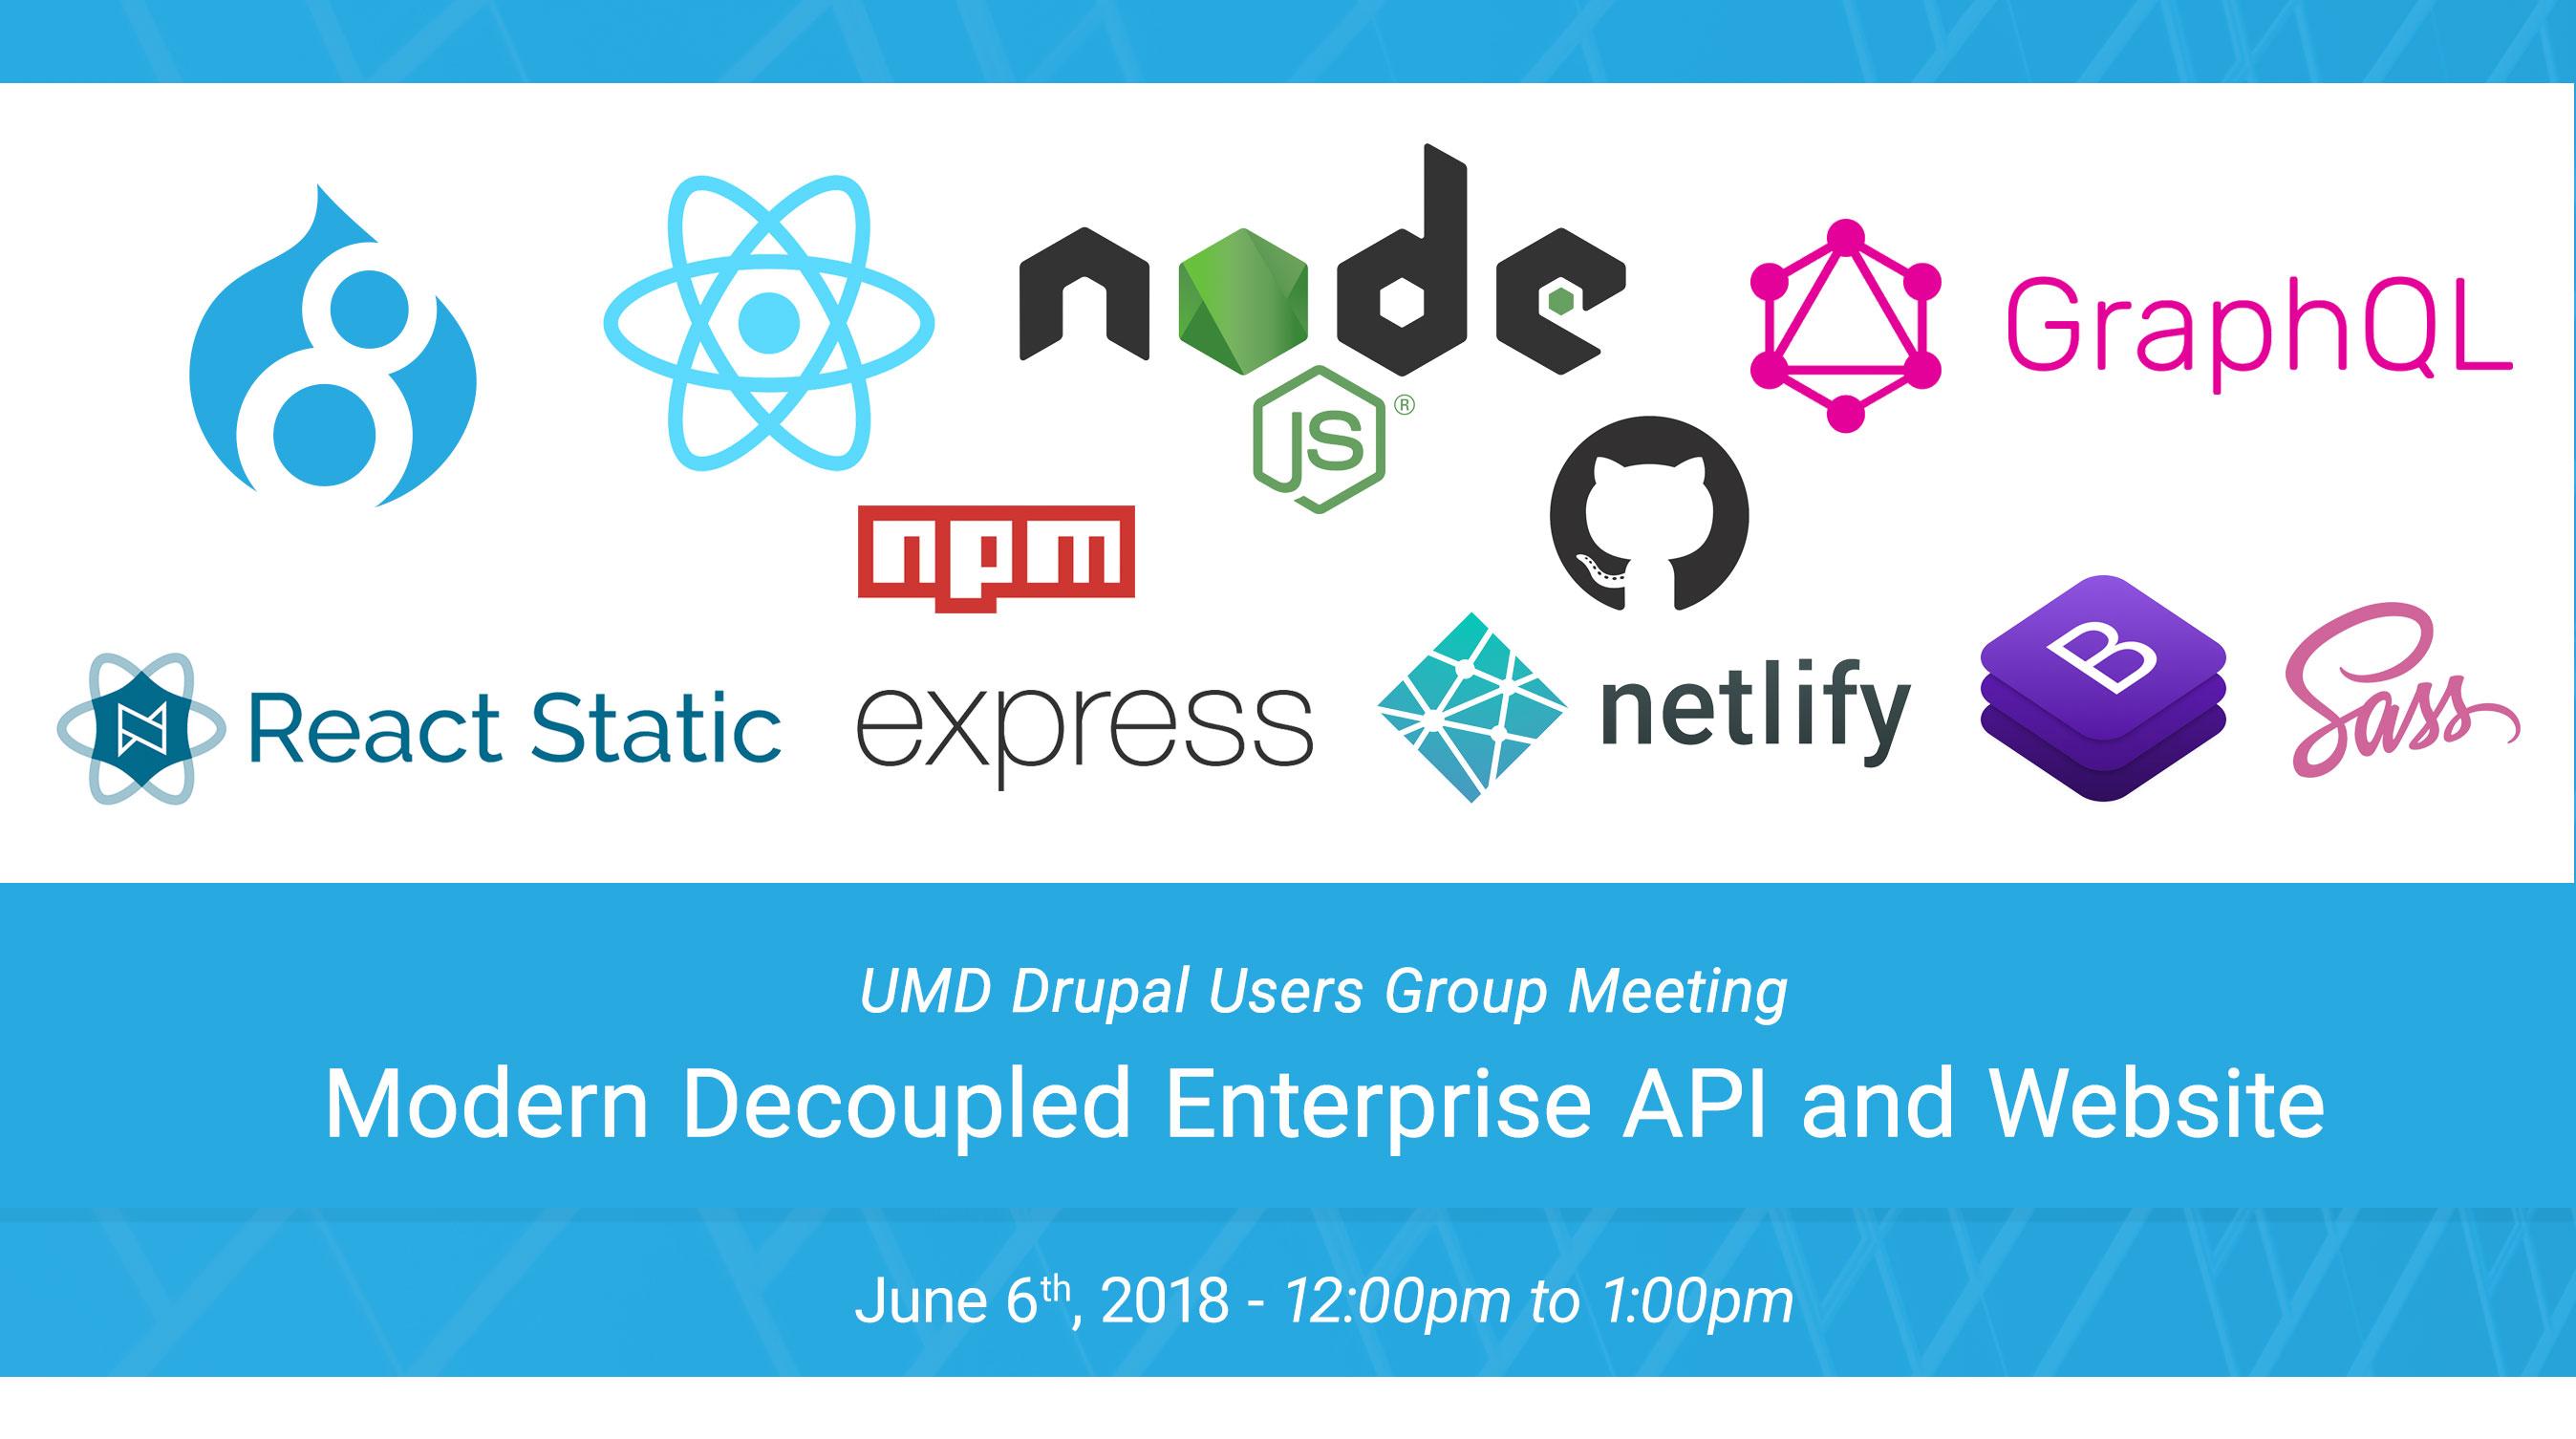 DUG - Modern Decoupled Enterprise API and Website